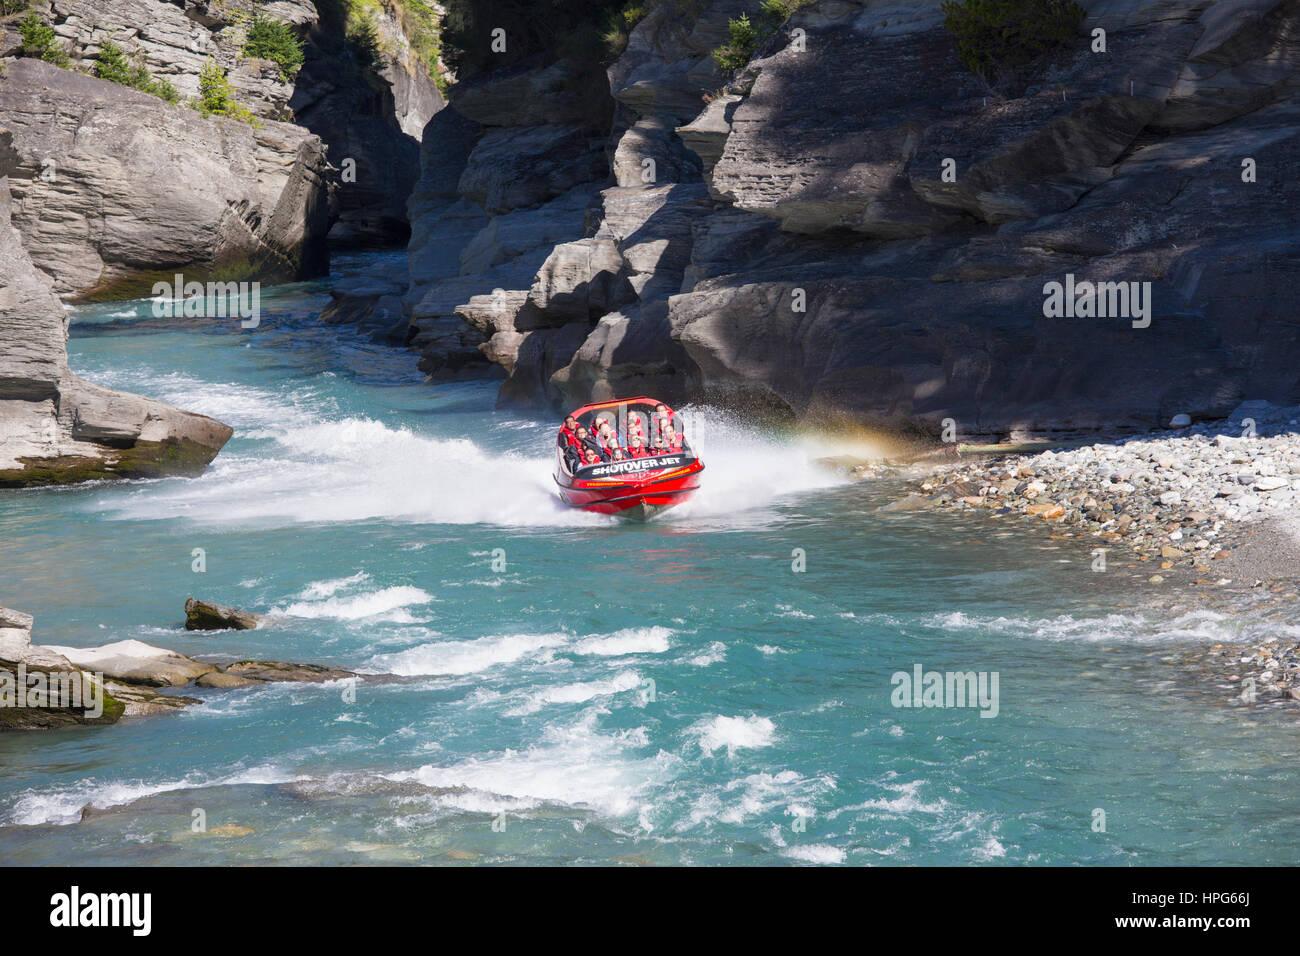 Queenstown, Otago, Nuova Zelanda. Shotover Jet Boat emergente dalla stretto canyon sul fiume Shotover. Immagini Stock